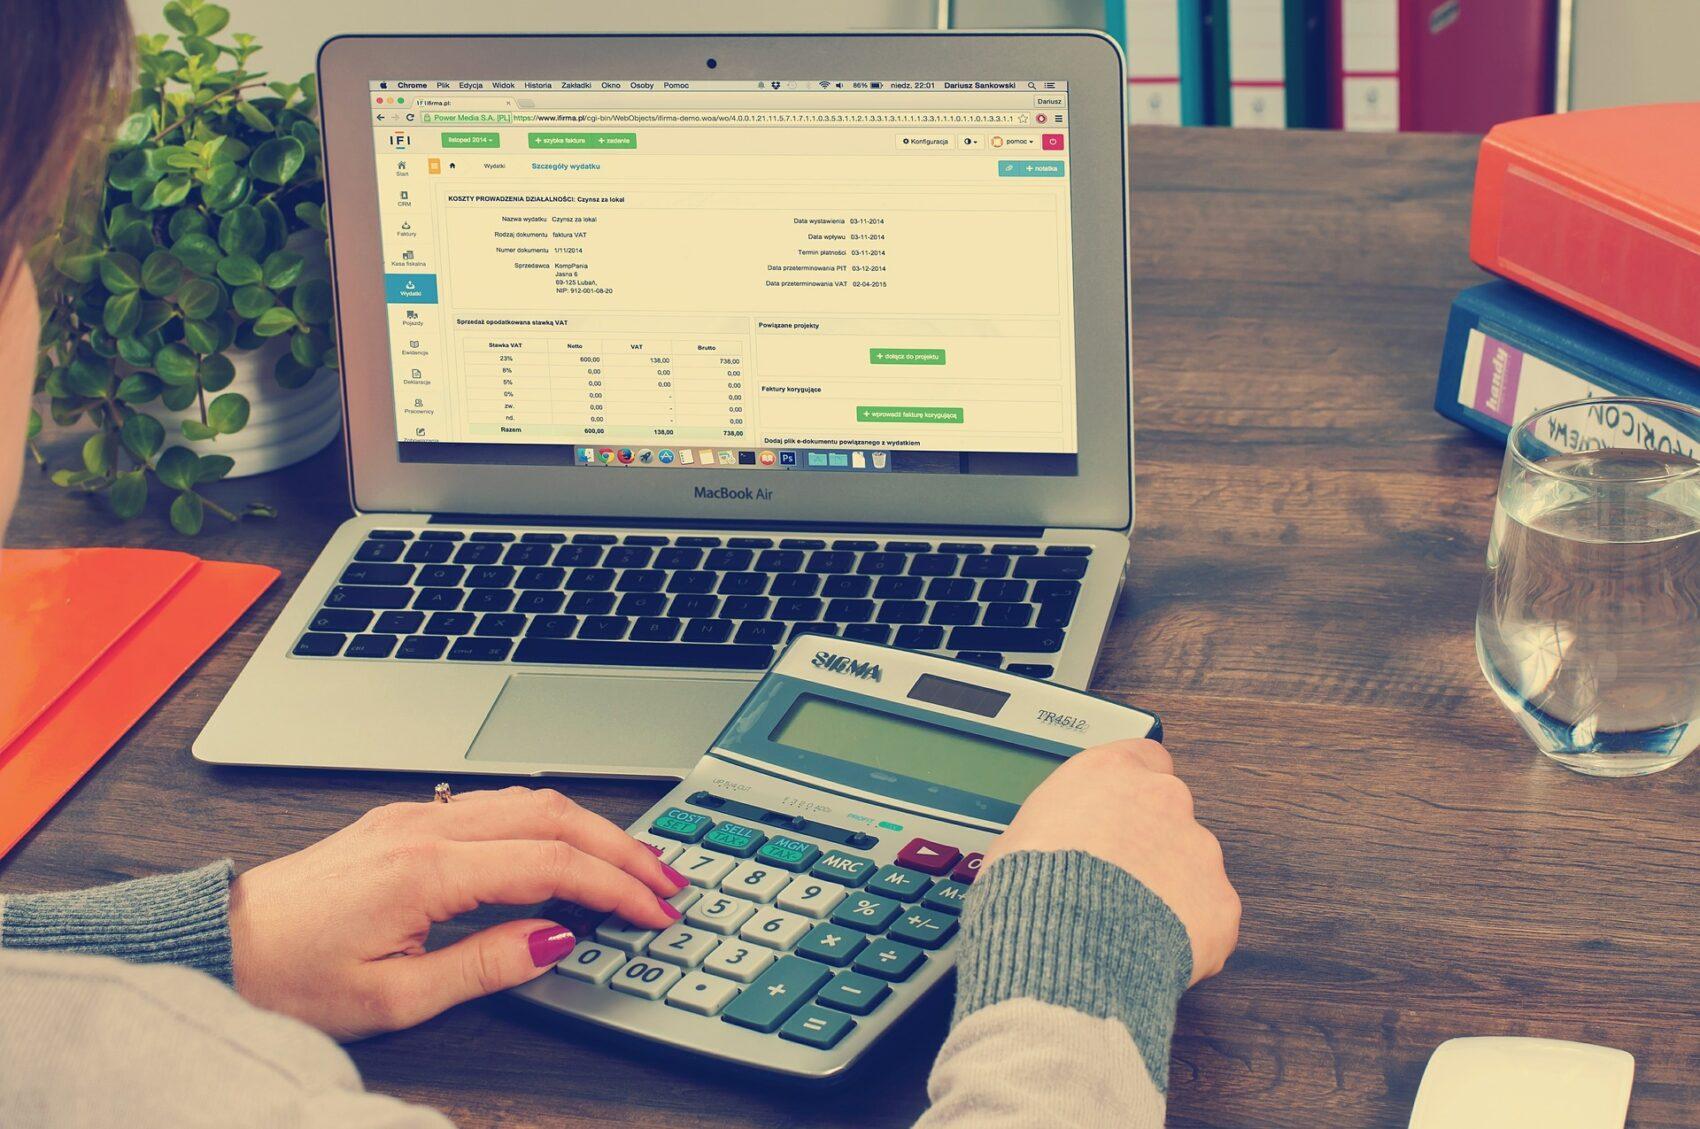 Investitionsunternehmen IFPRU €50,000 (exempt CAD) zum Verkauf in Großbritannien